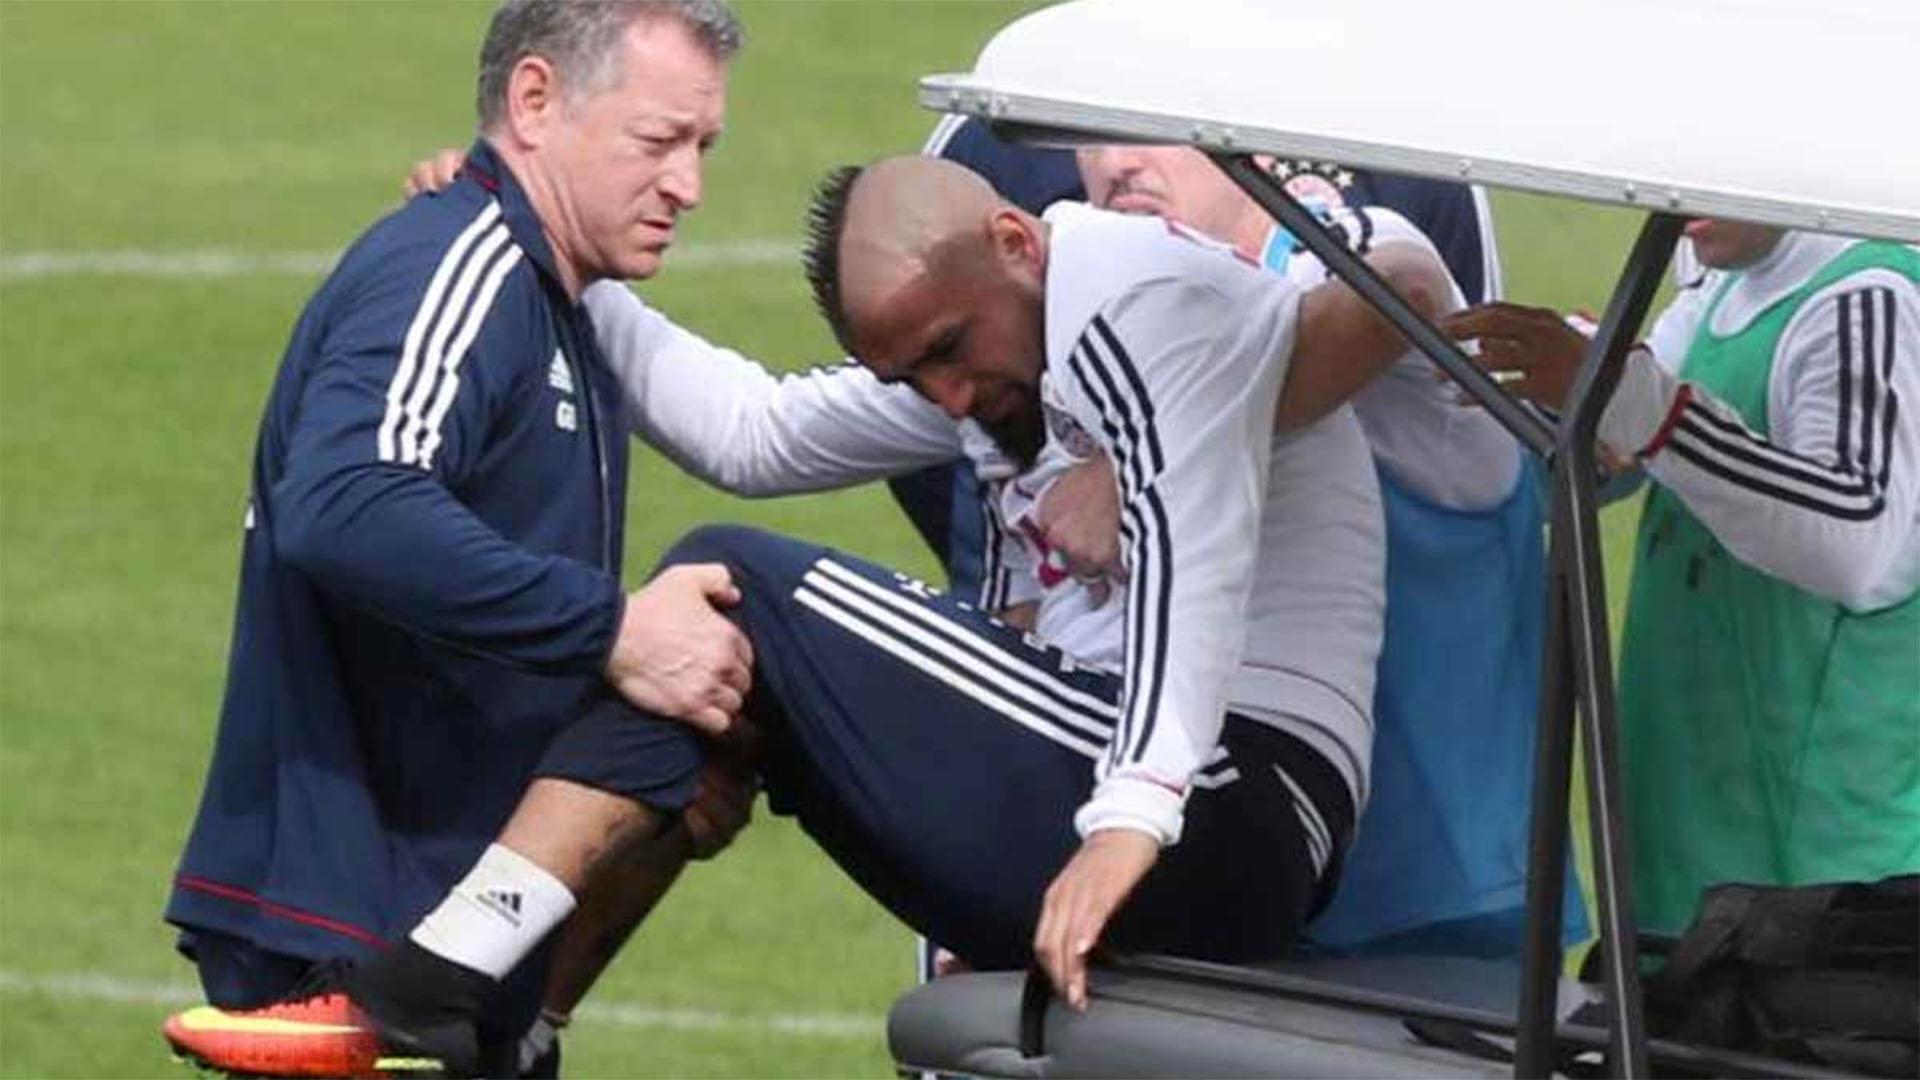 Arturo Vidal sufrió una lesión de rodilla en el entrenamiento del Bayern Múnich y tuvo que ser operado